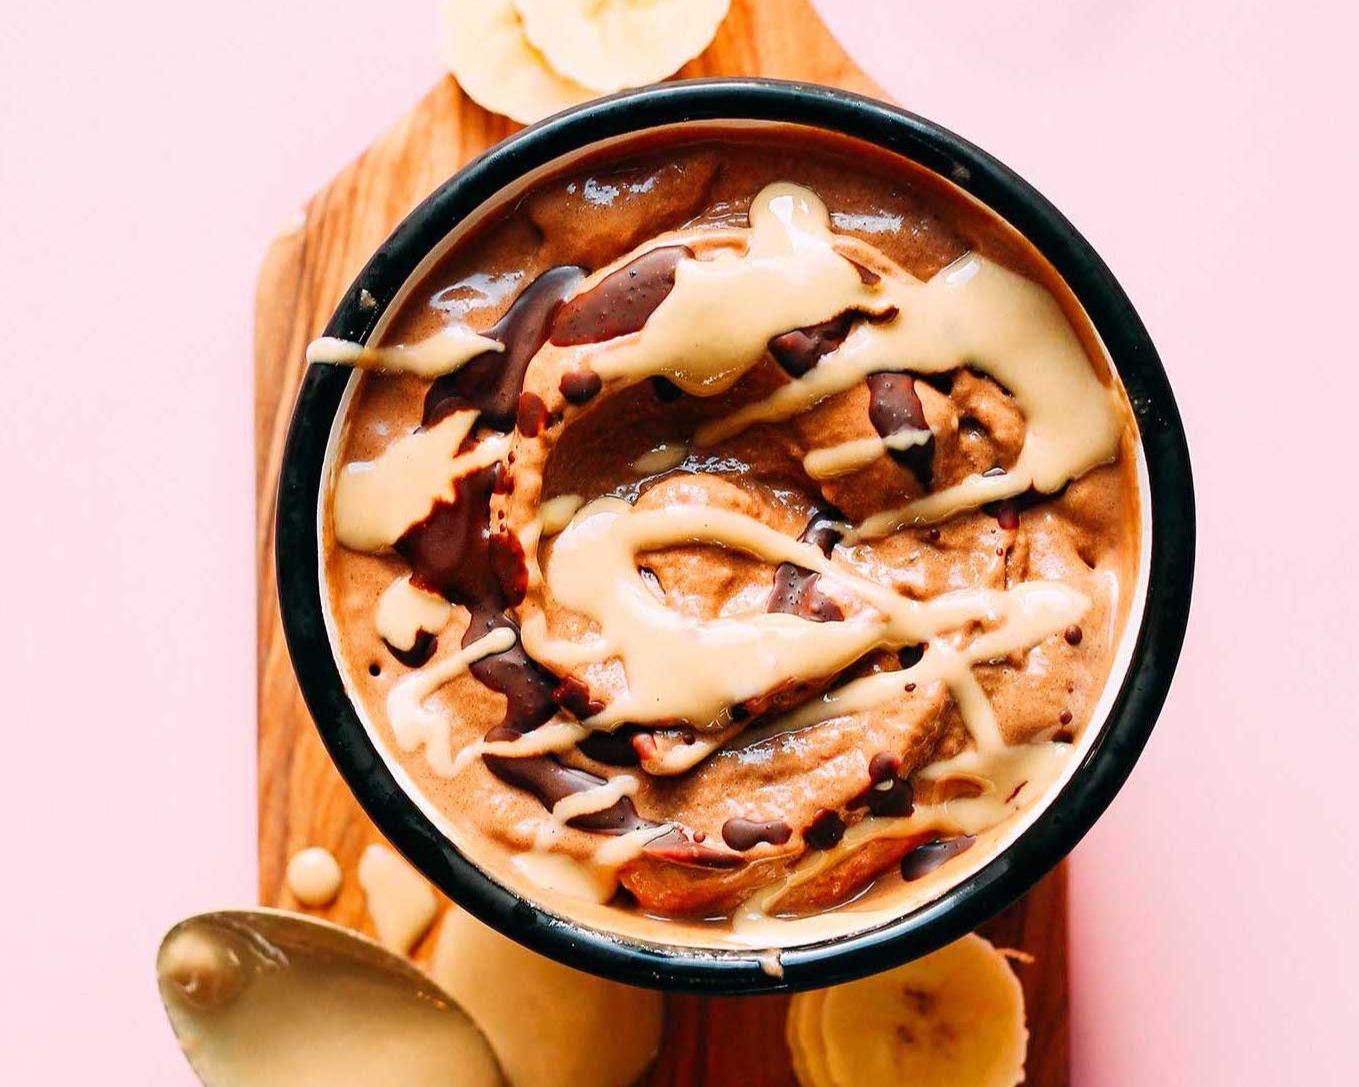 recipe share: chocolate banana soft serve -